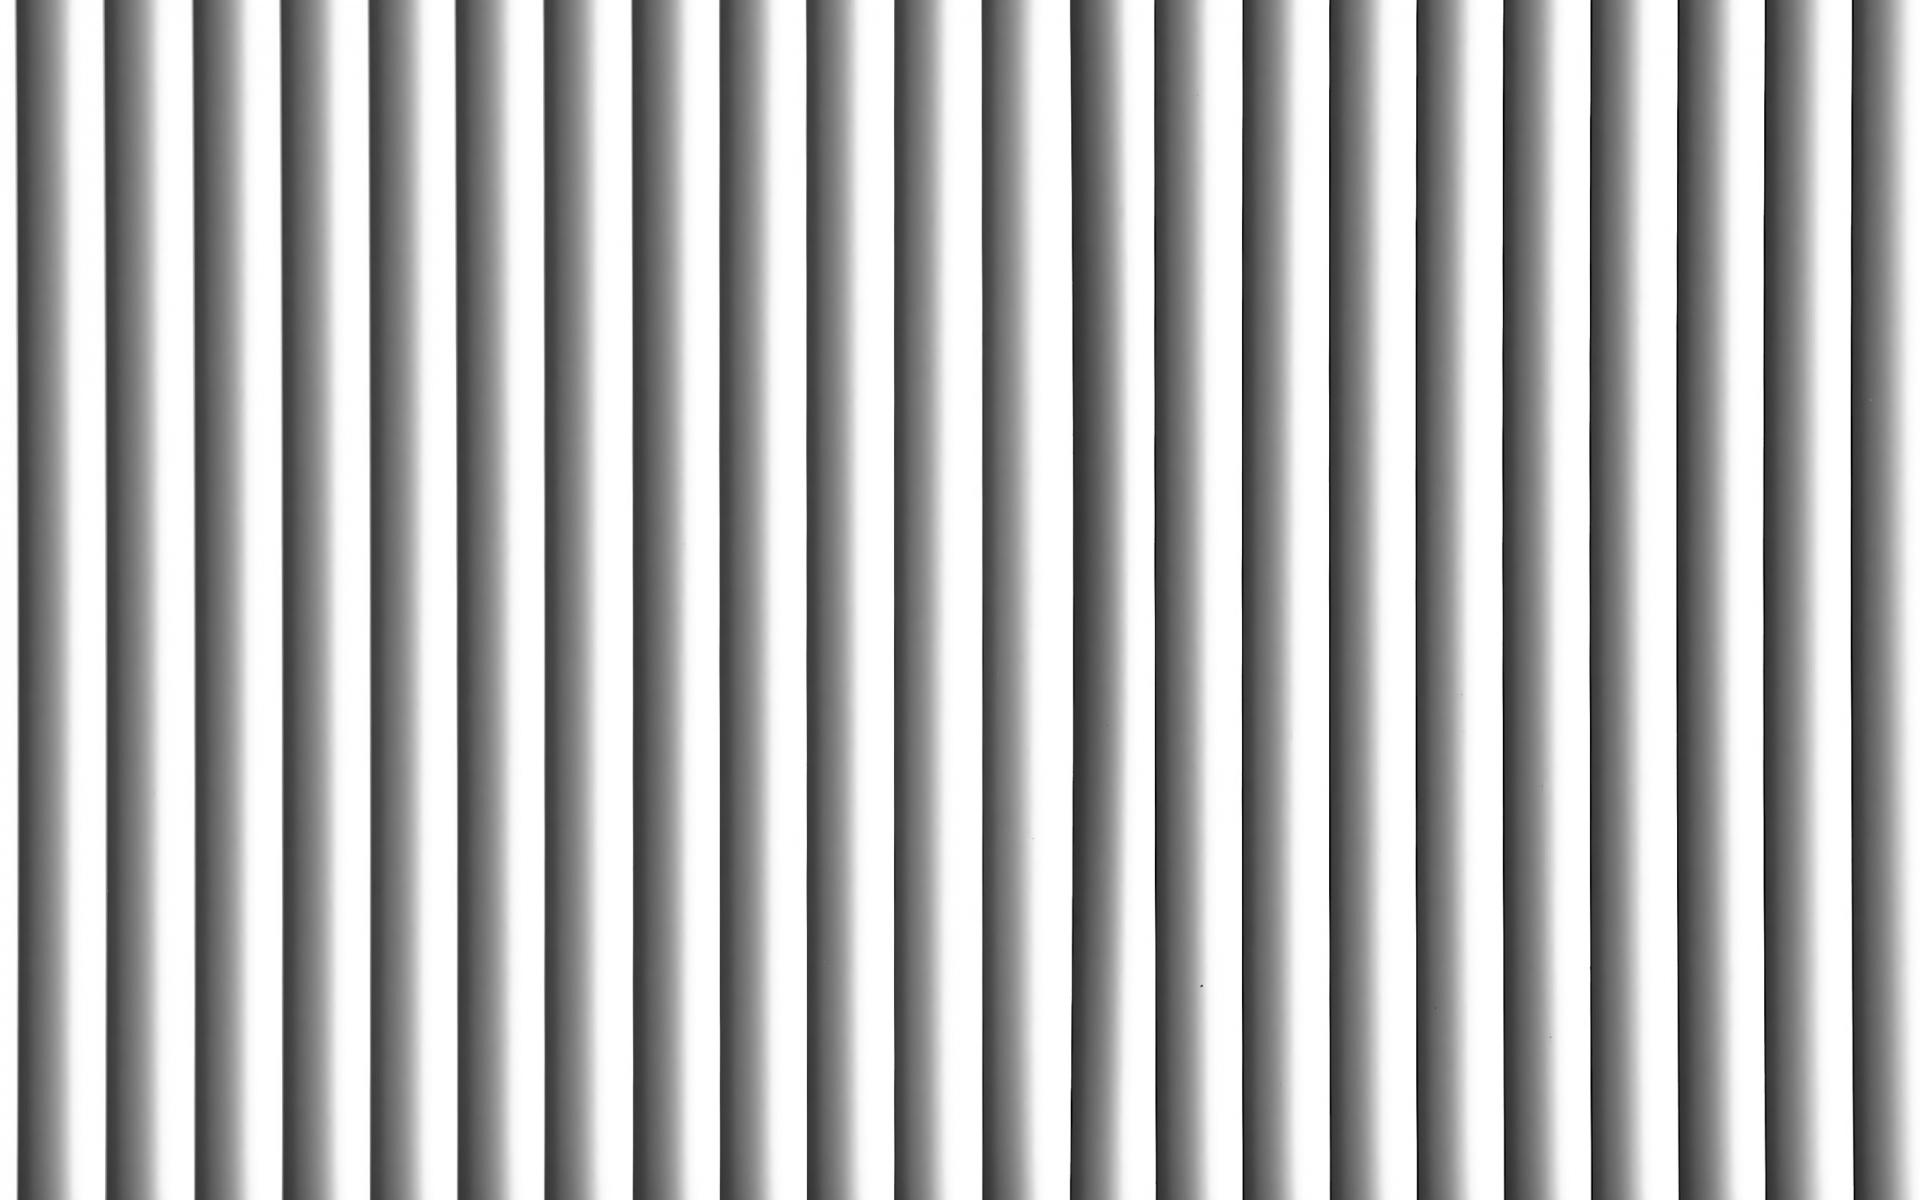 Картинки Полосы, линии, вертикальные, светлые, серебряные фото и обои на рабочий стол